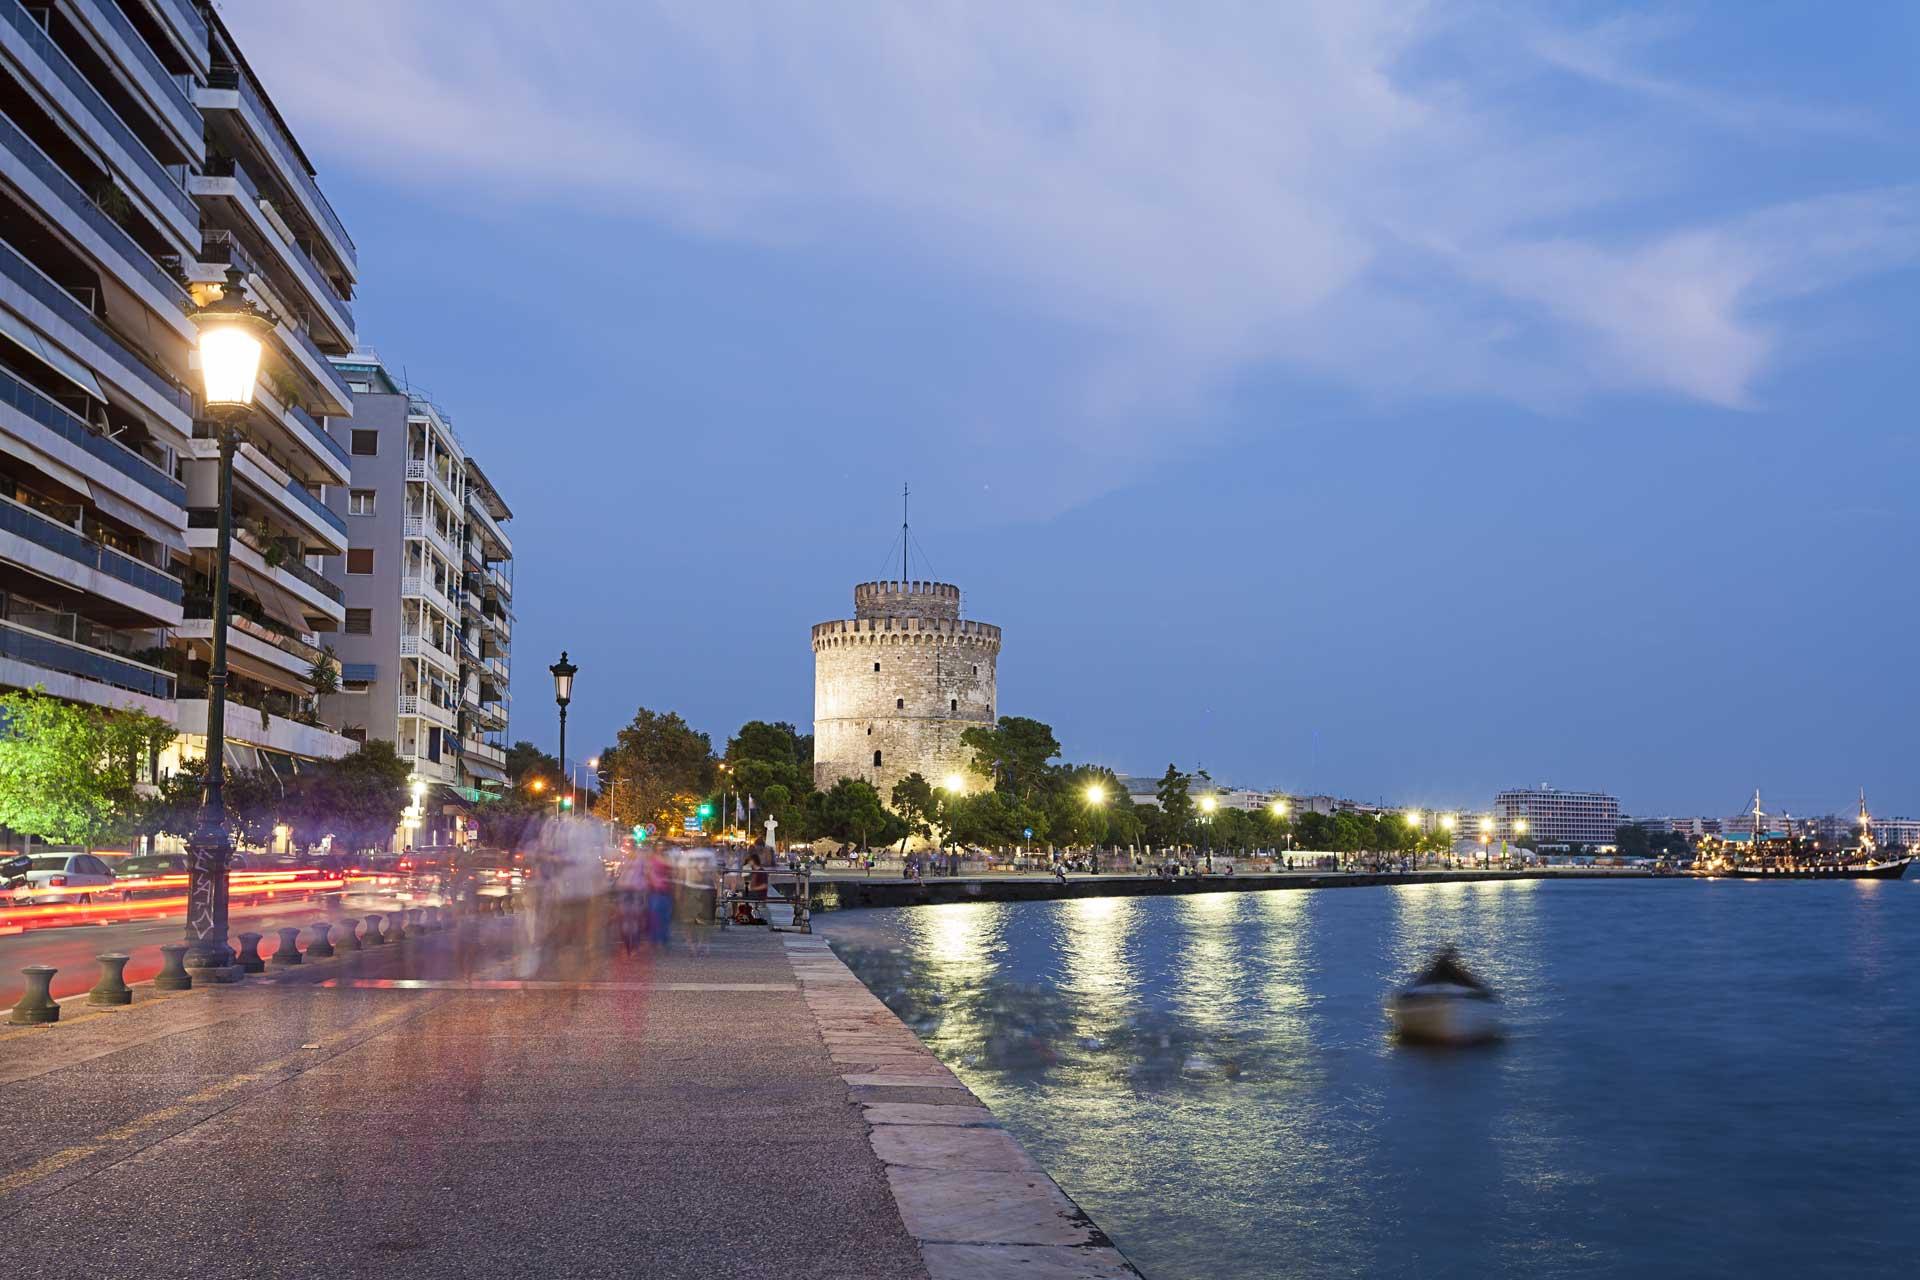 Σε καραντίνα η Θεσσαλονίκη απο αύριο το πρωί! Μόνο με SMS οι μετακινήσεις